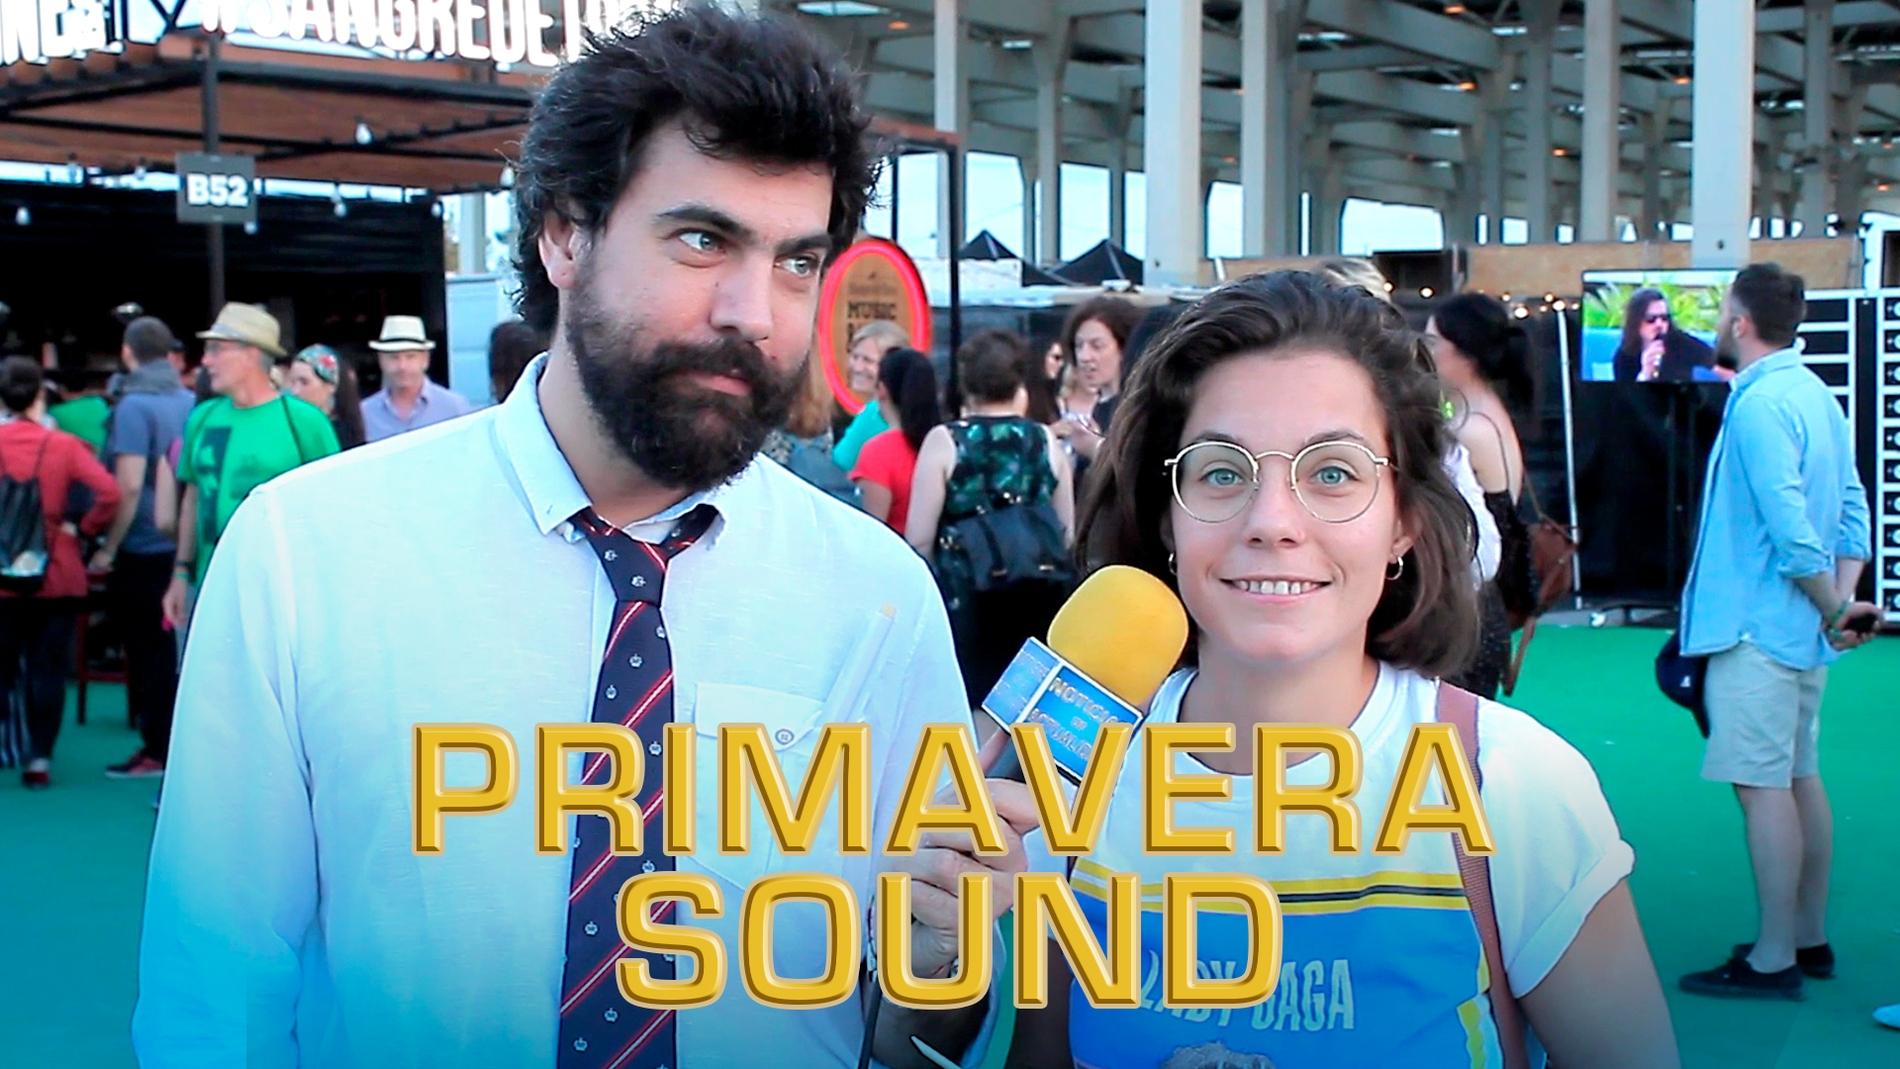 Primavera Sound   Noticias de Actualidad - Venga Monjas